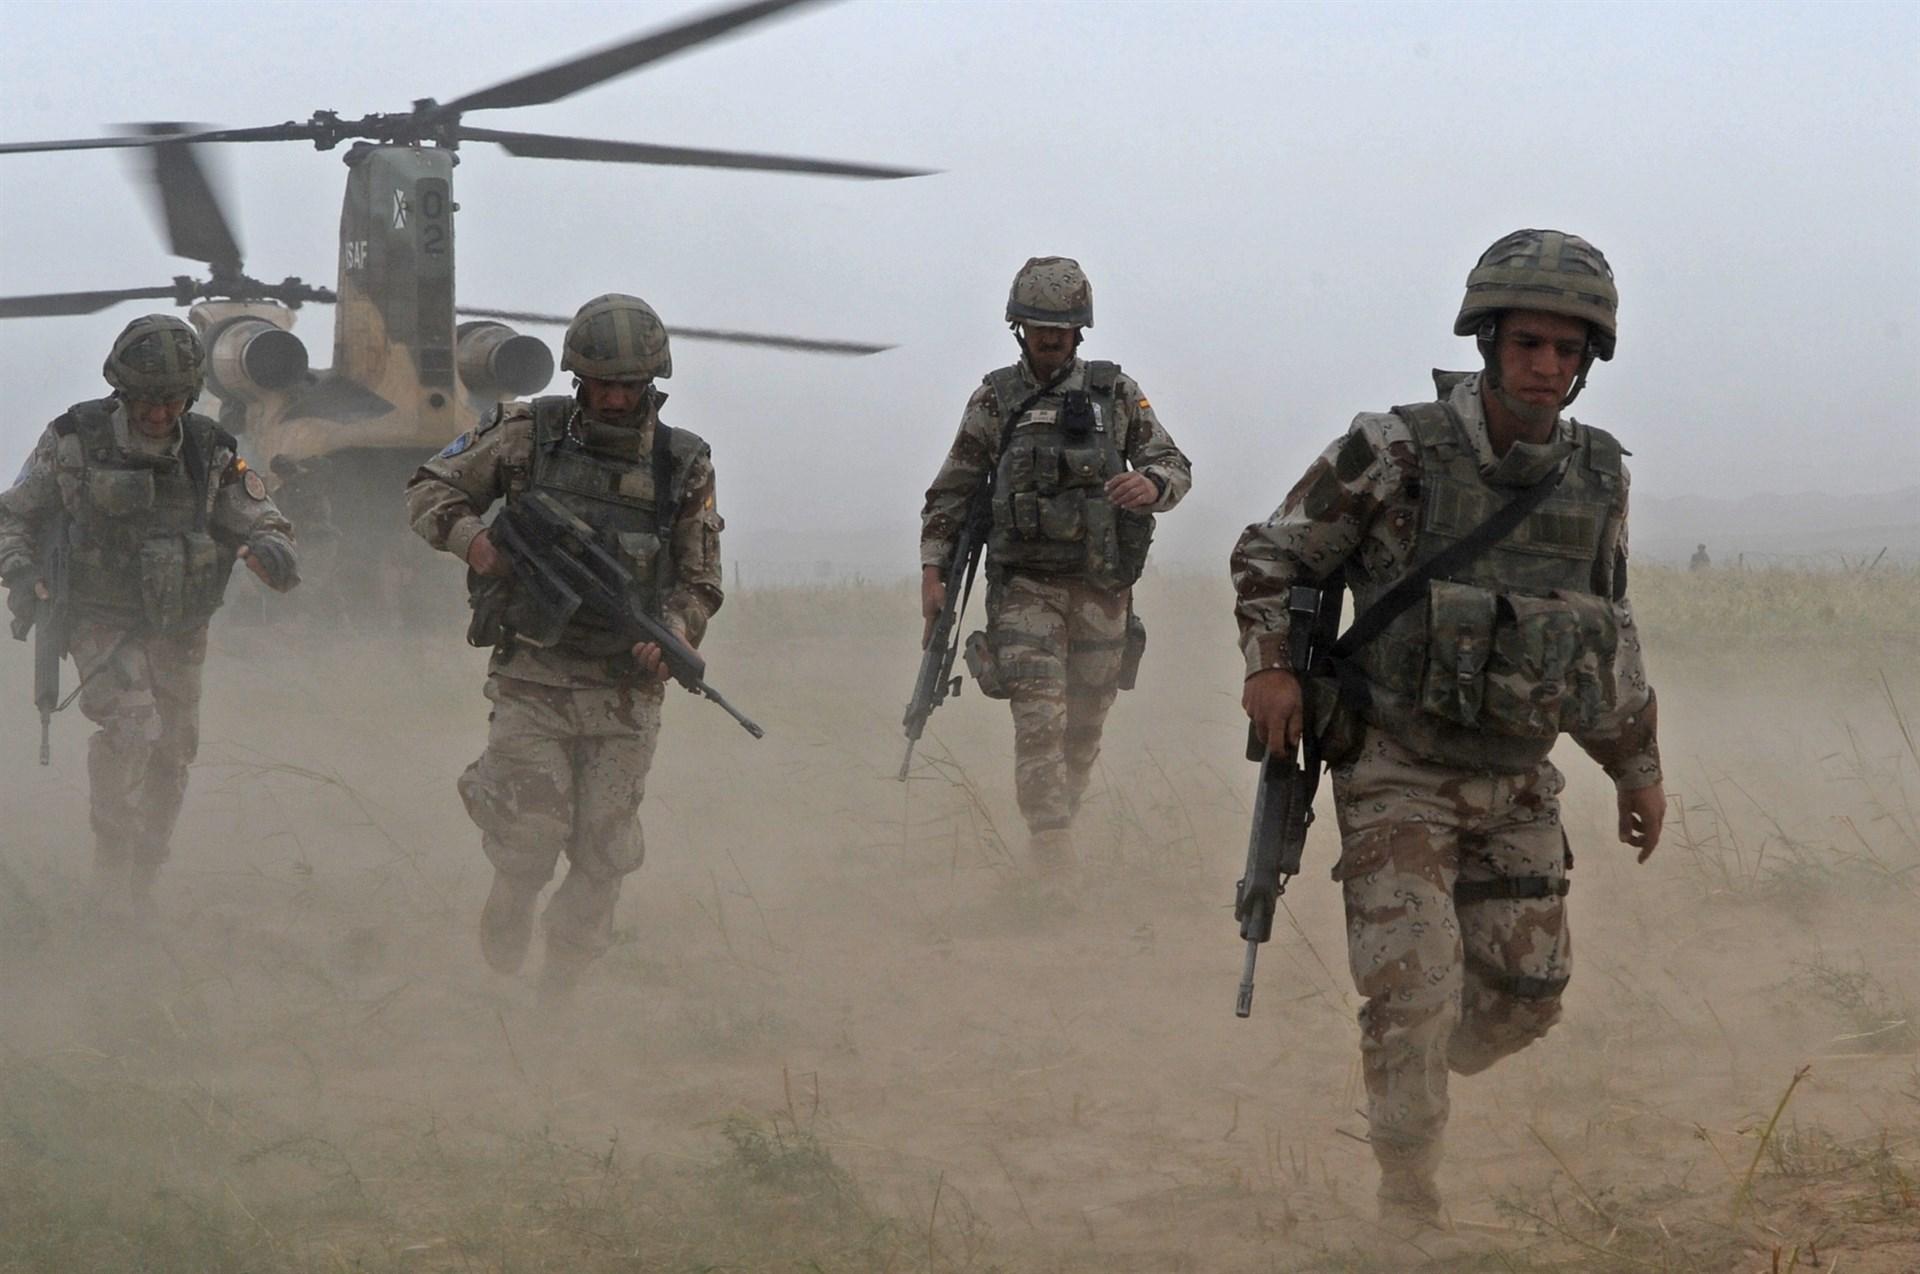 Fuerzas Armadas Defensa convoca solo 191 plazas de acceso a militar  permanente para 65.000 temporales fcedd65d187